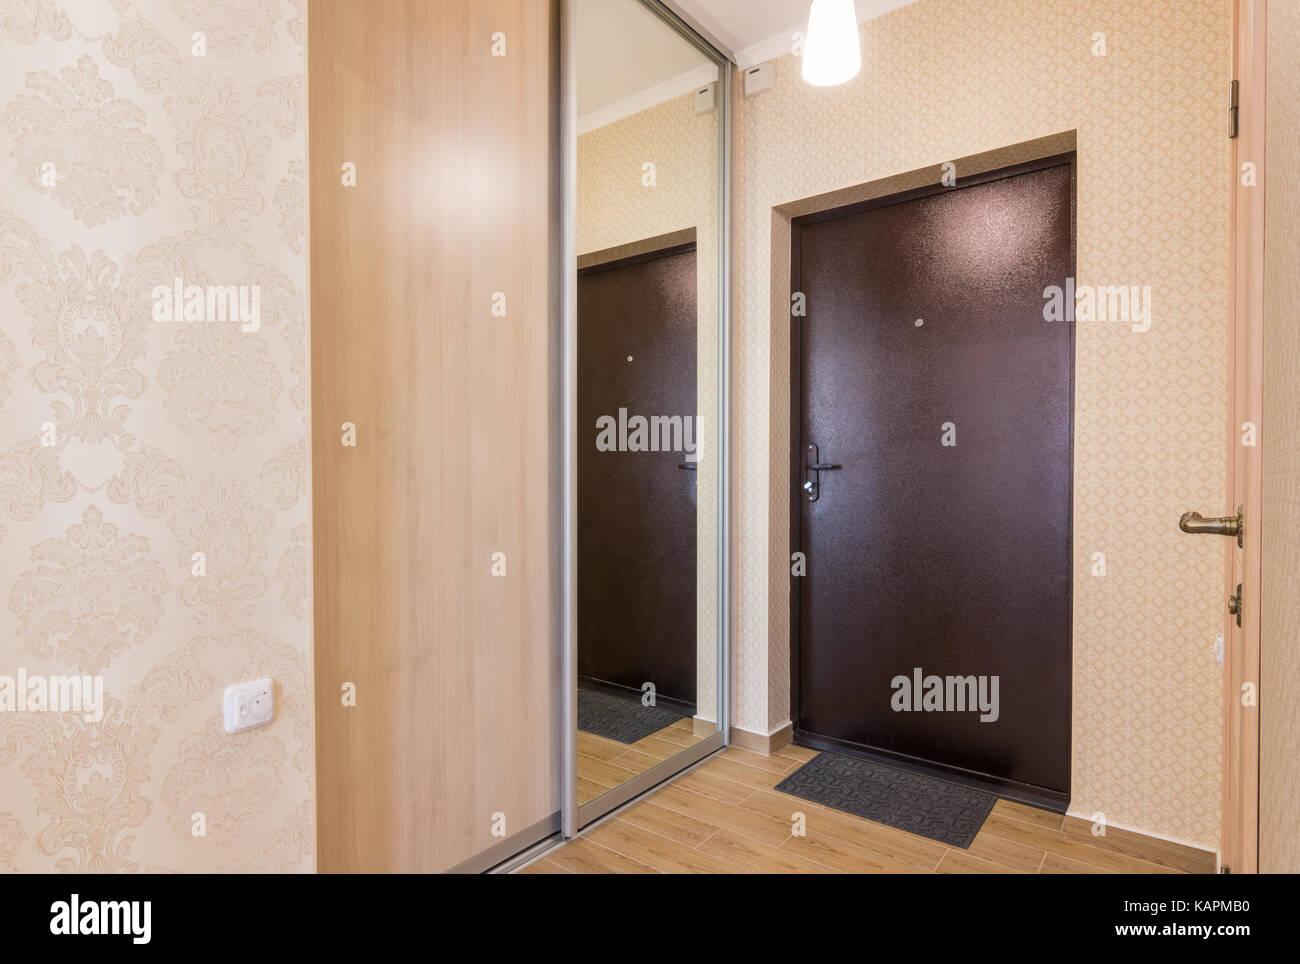 Mobili Per Corridoio E Ingresso : Corridoio al ingresso interno porta di ingresso e armadi a muro